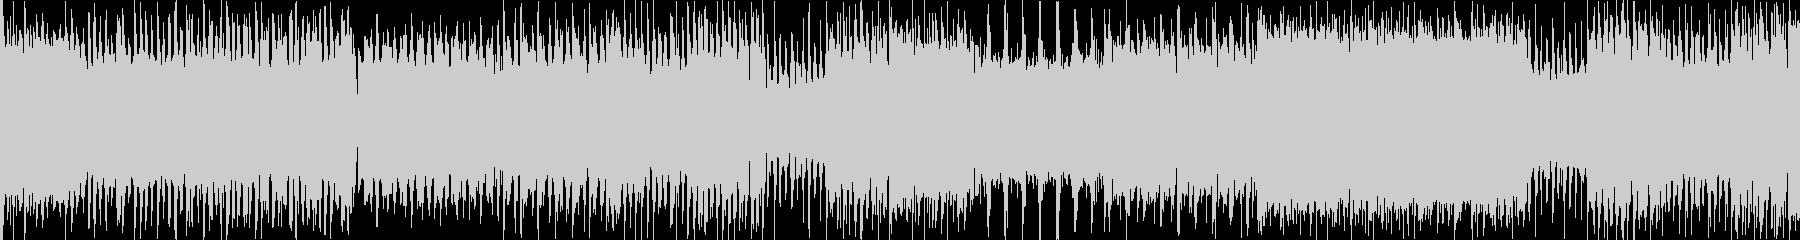 ループ用サン=サーンス「死の舞踏」ロックの未再生の波形